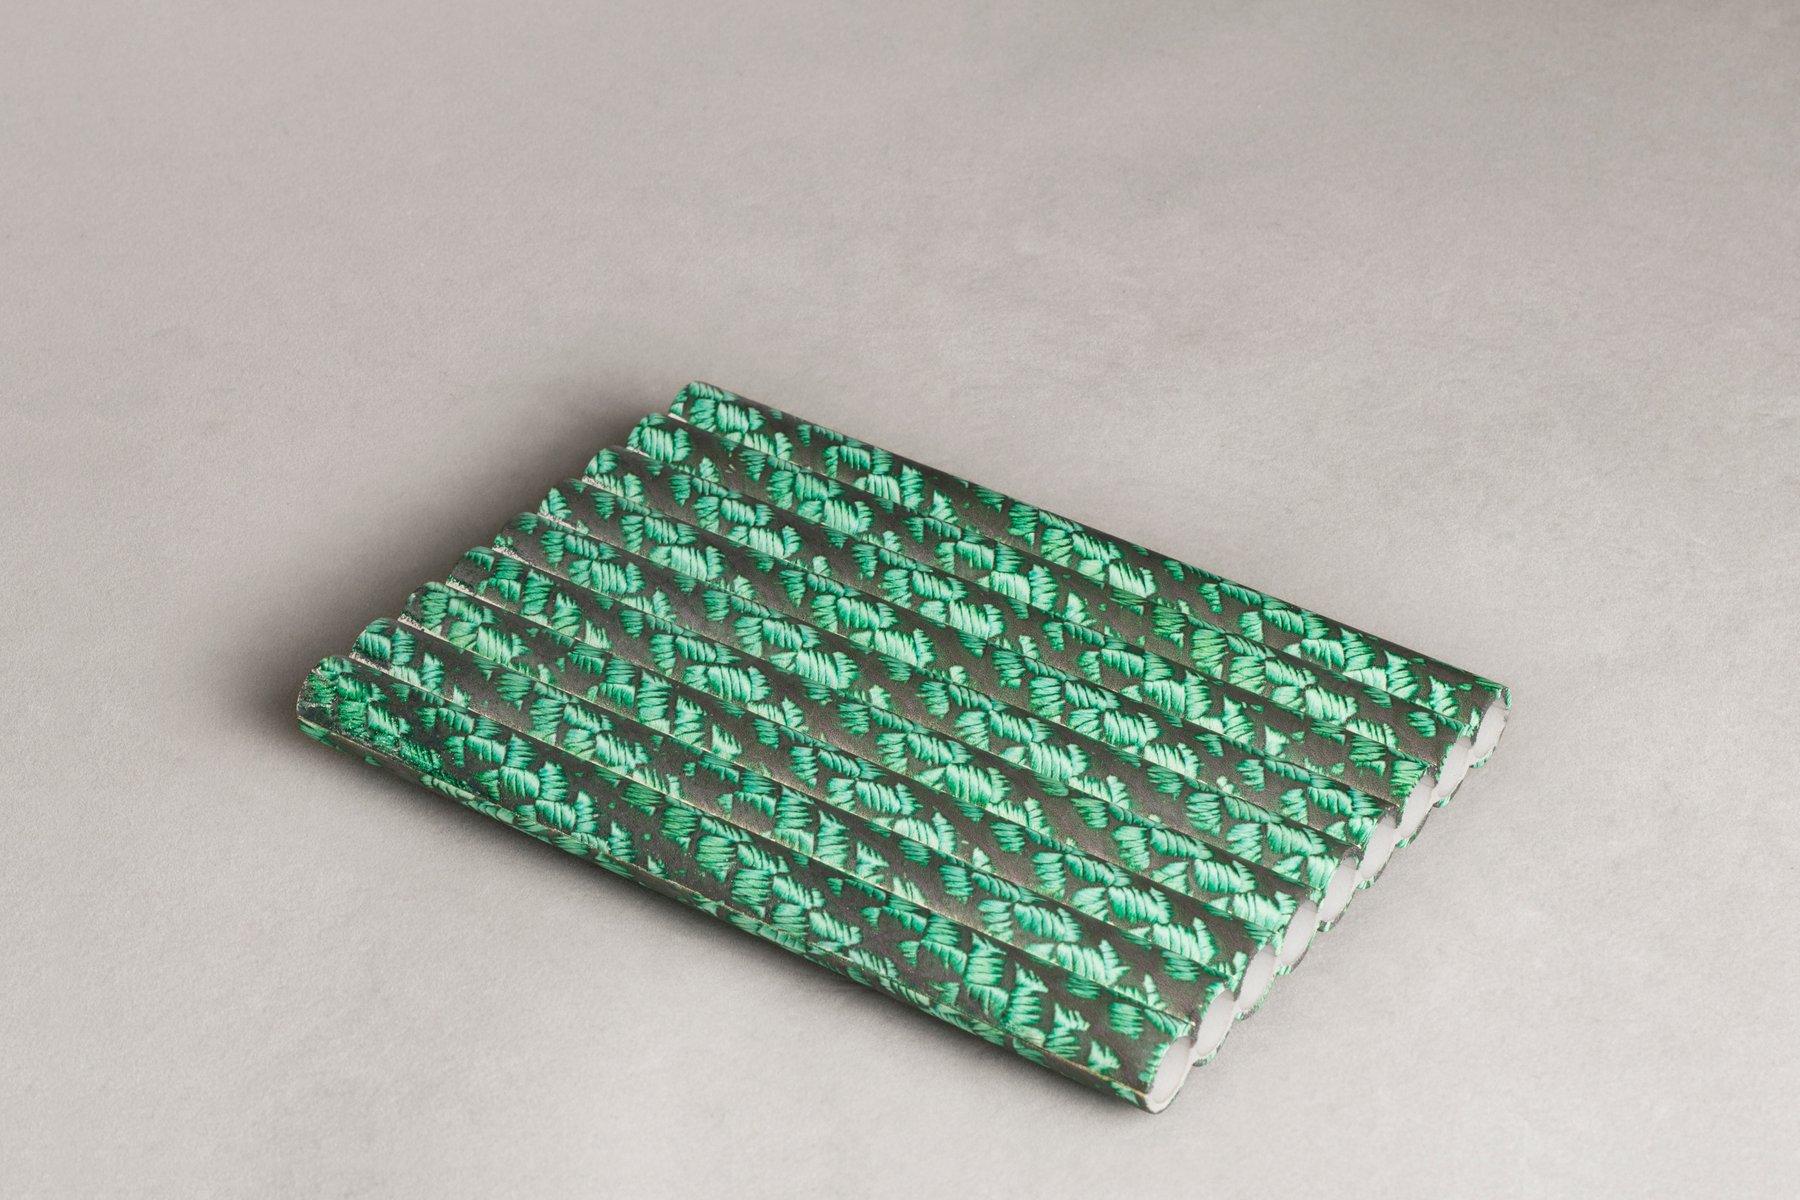 Grünes Faux Series Kästchen von Chris Kabel